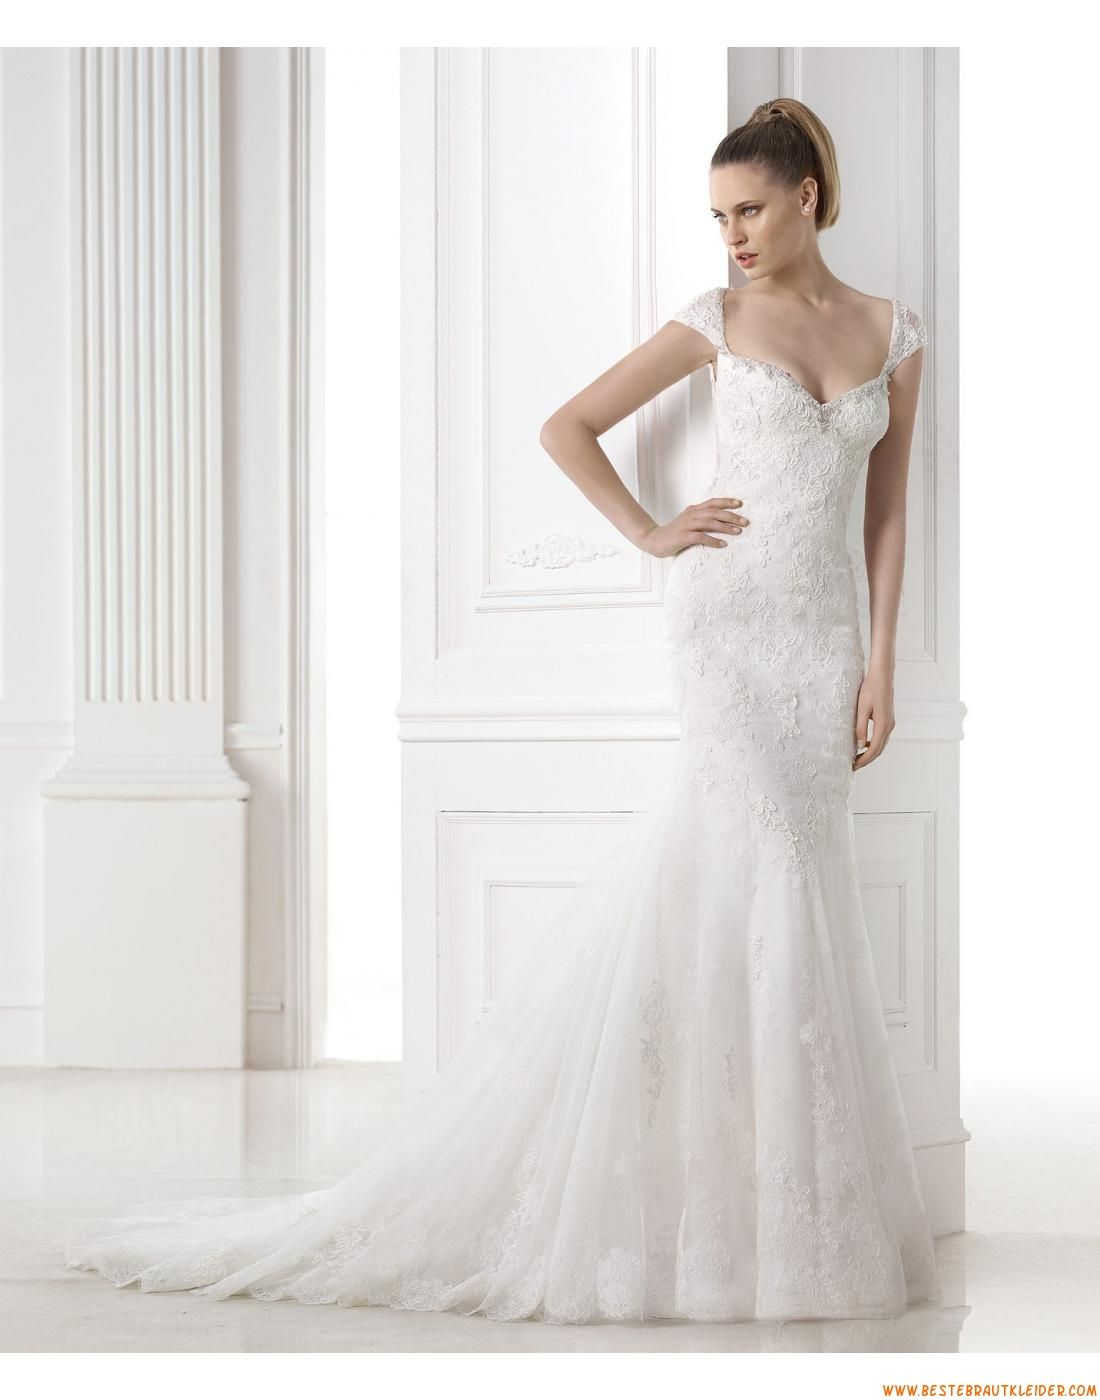 Meerjungfrau Exklusive Schöne Brautkleider aus Softnetz mit ...